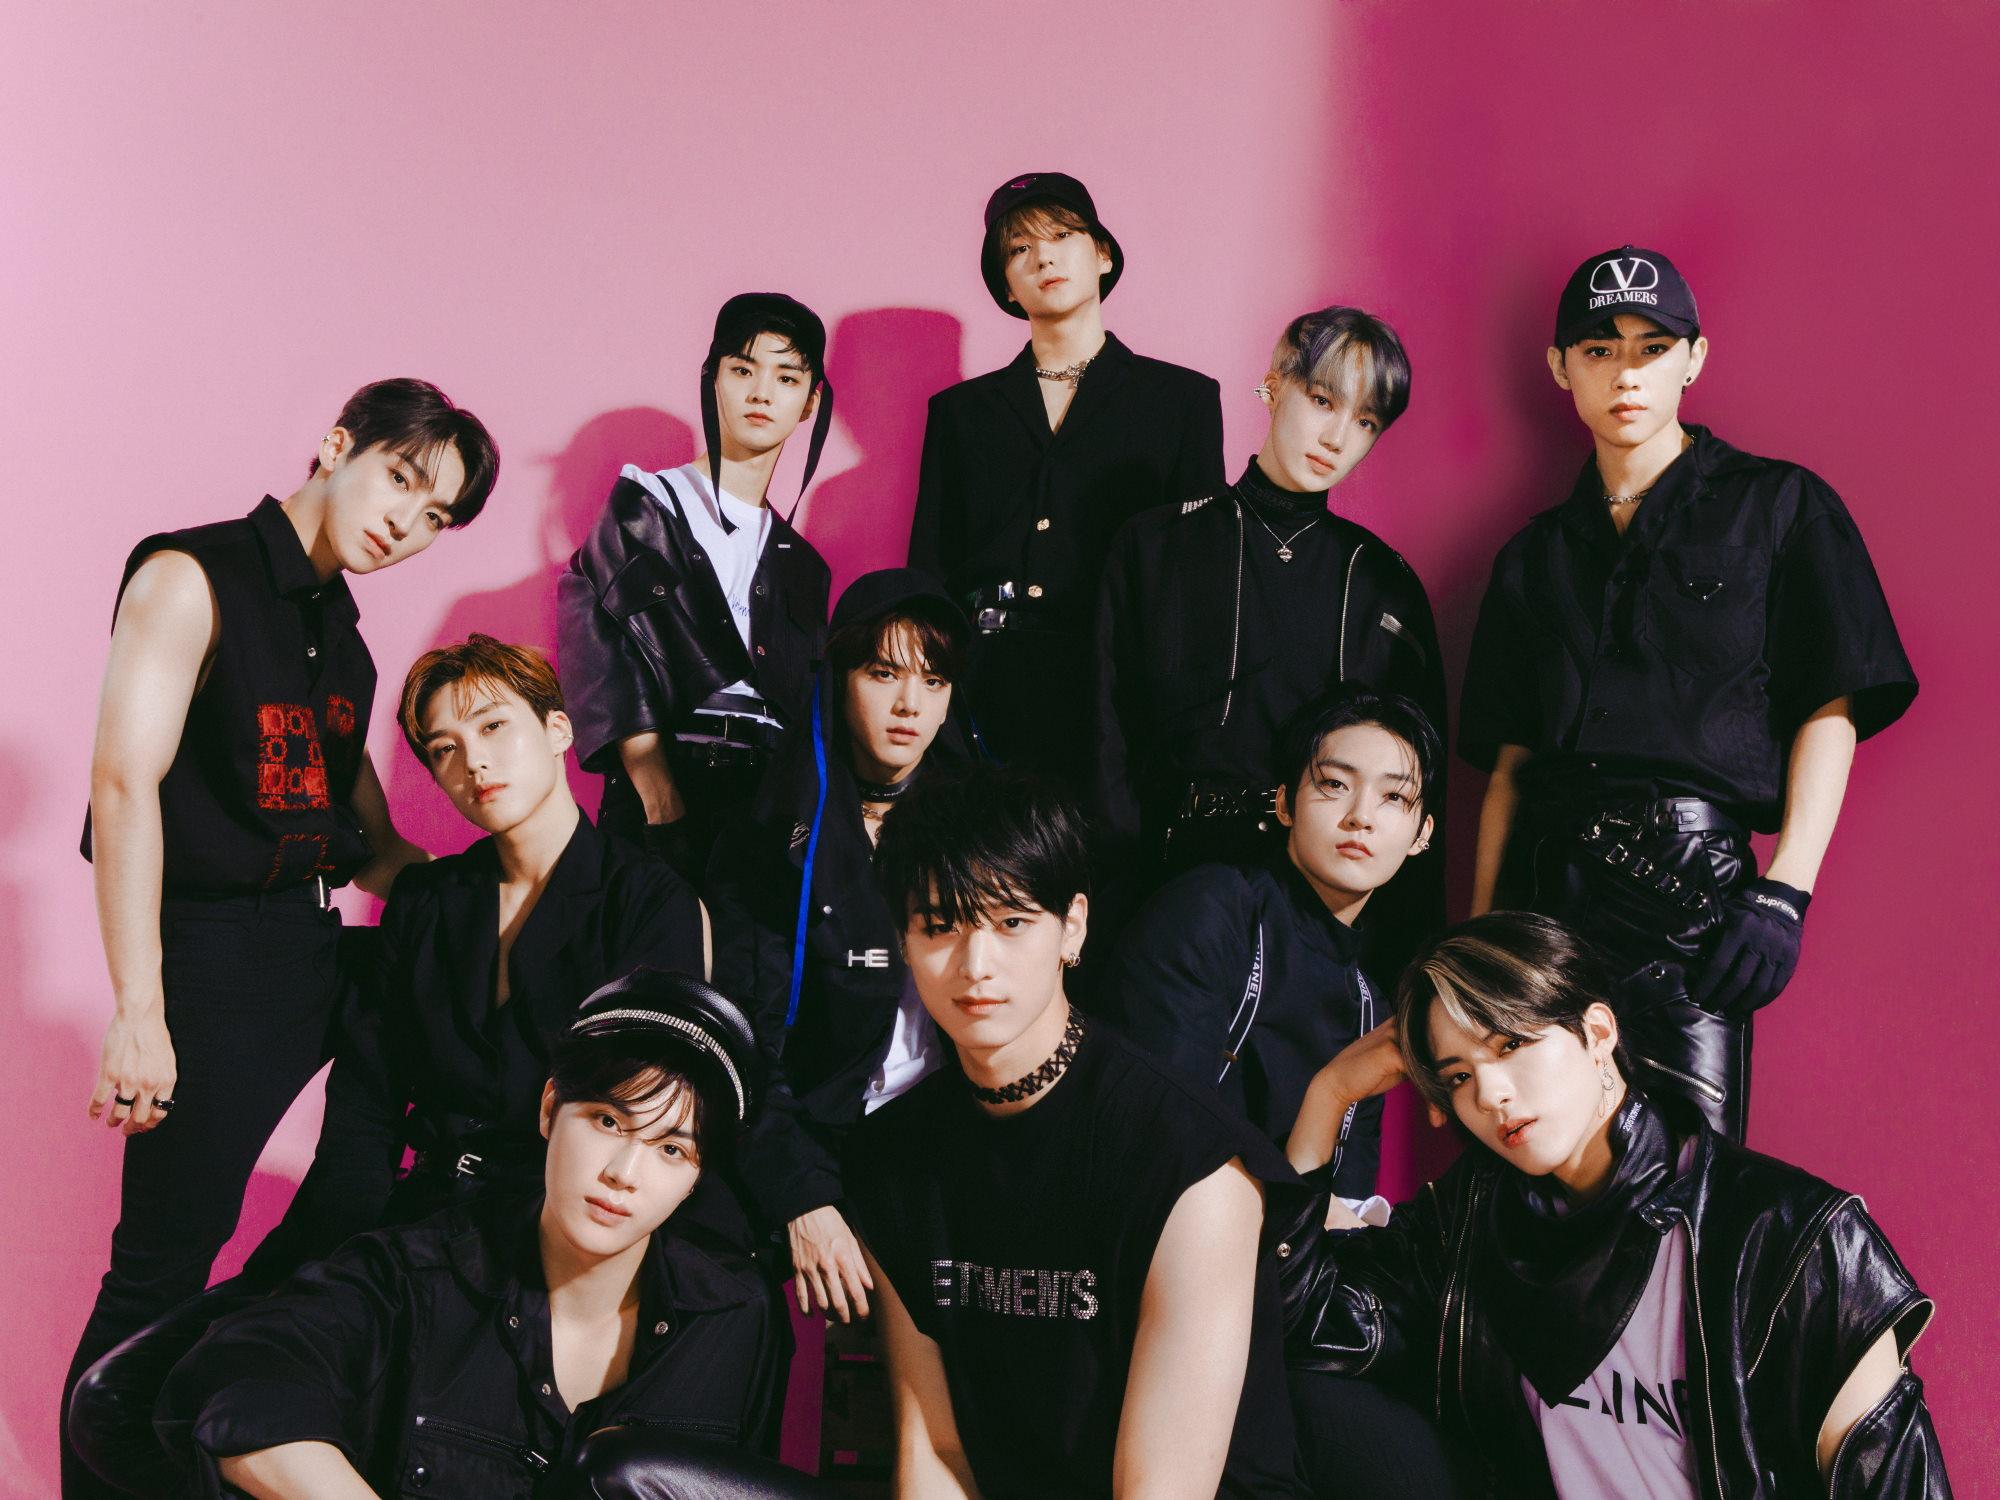 The Boyz Members Profile